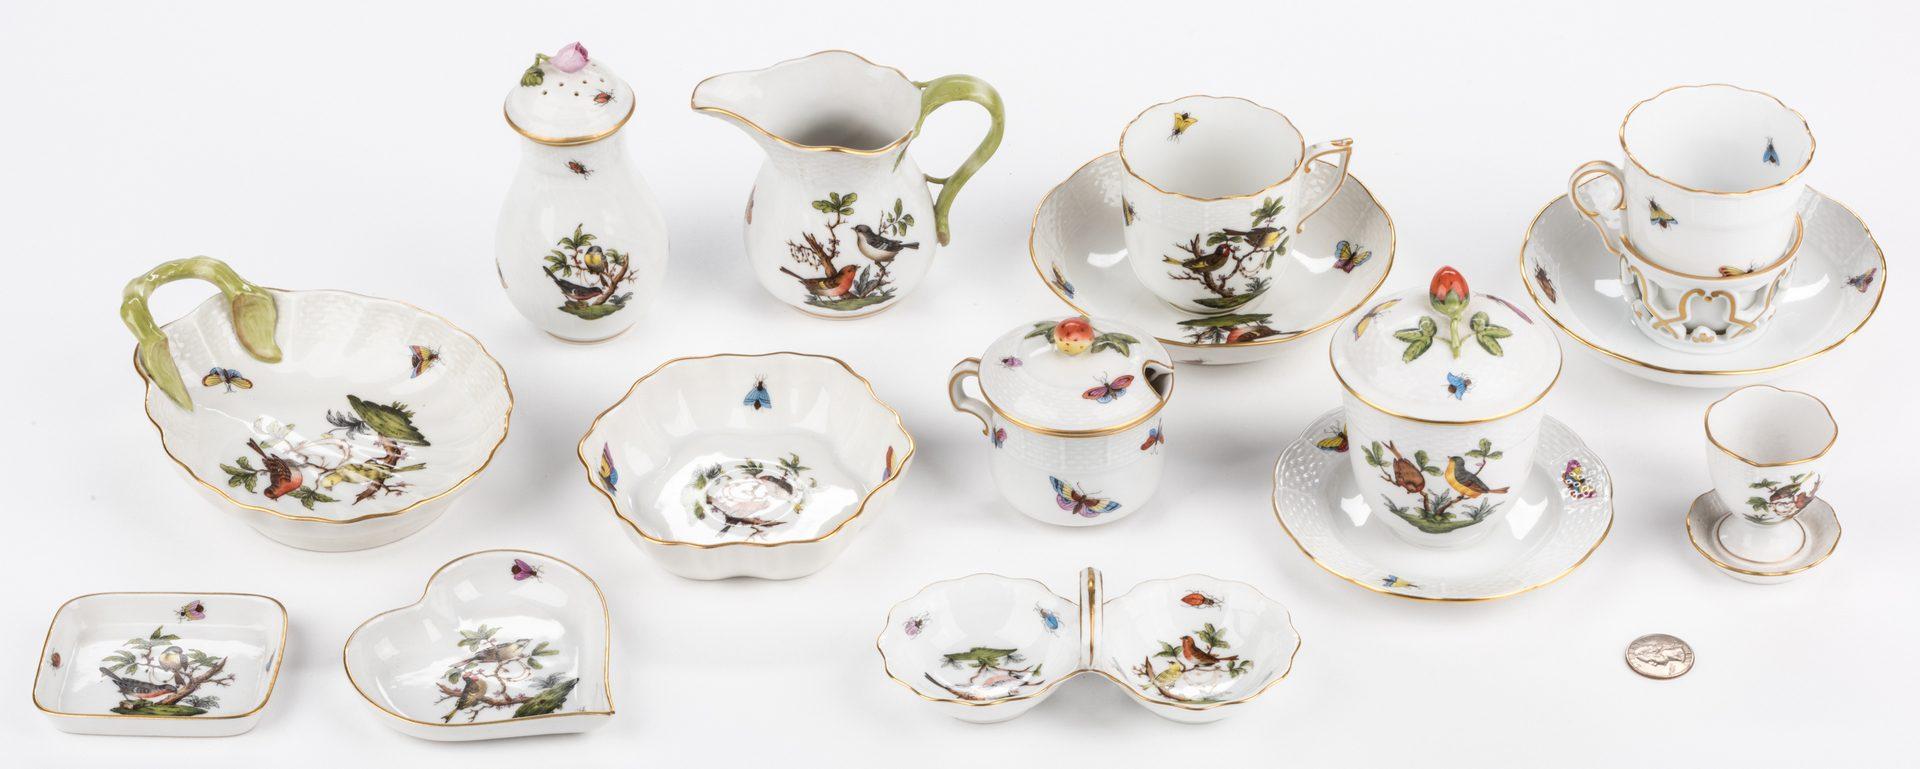 Lot 321: Herend Rothschild Bird Porcelain Dinnerware, 15 pcs